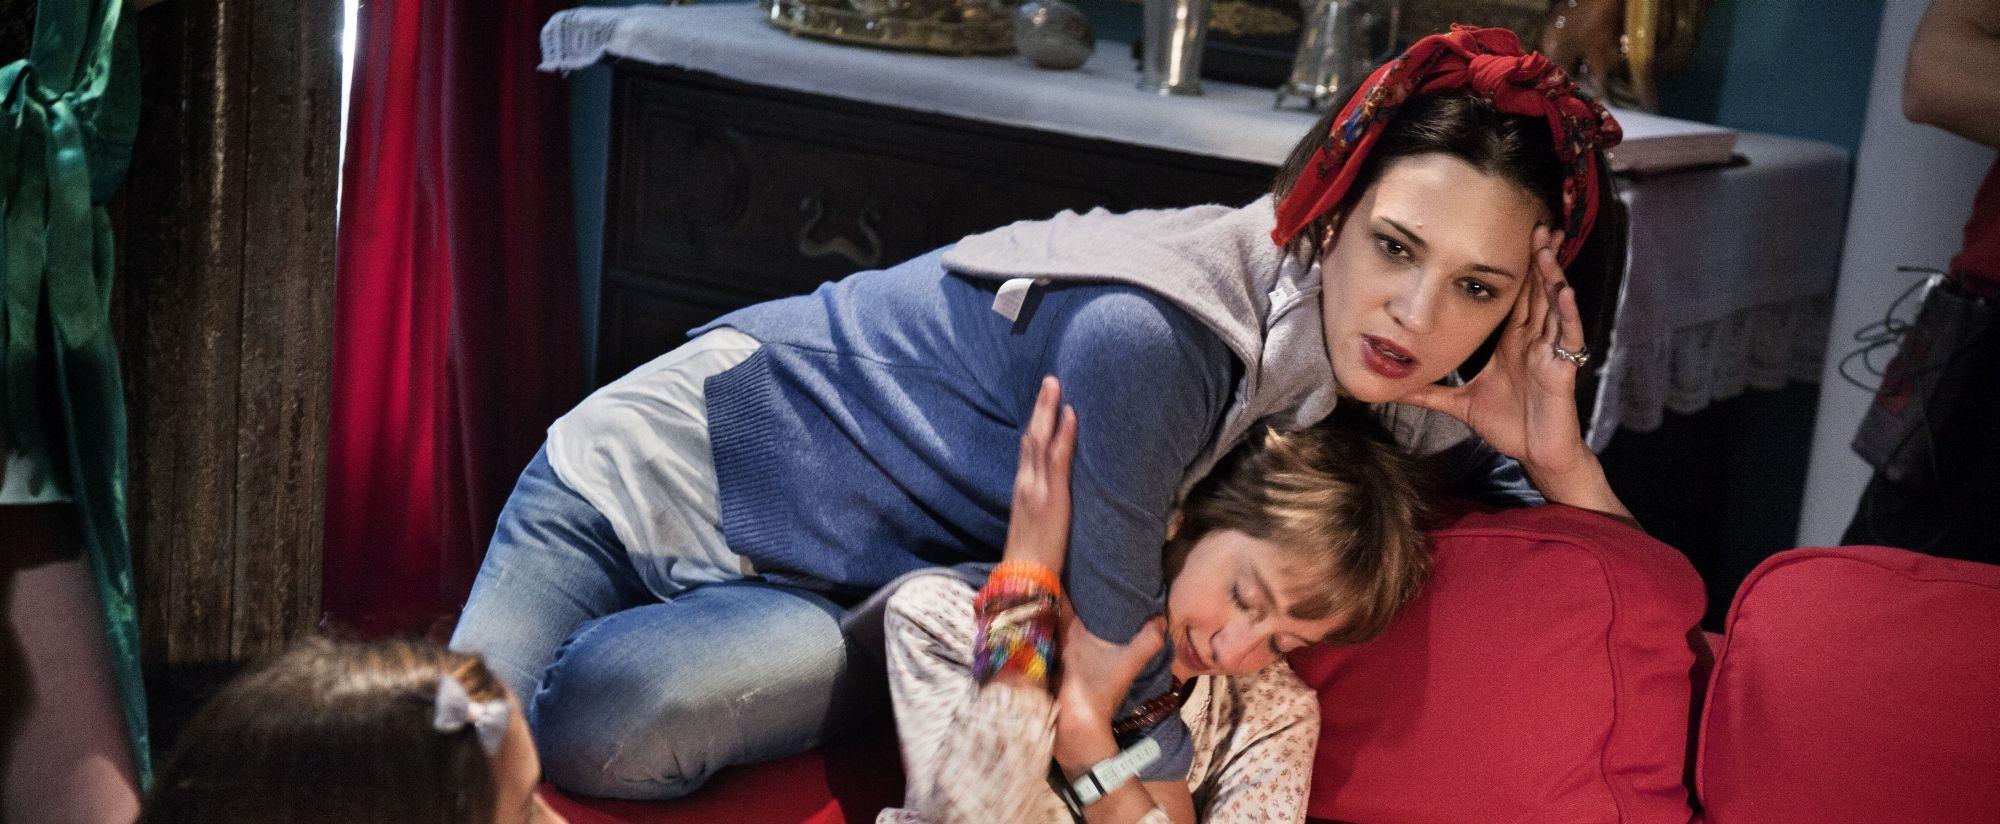 Asia Argento con Giulia Salerno